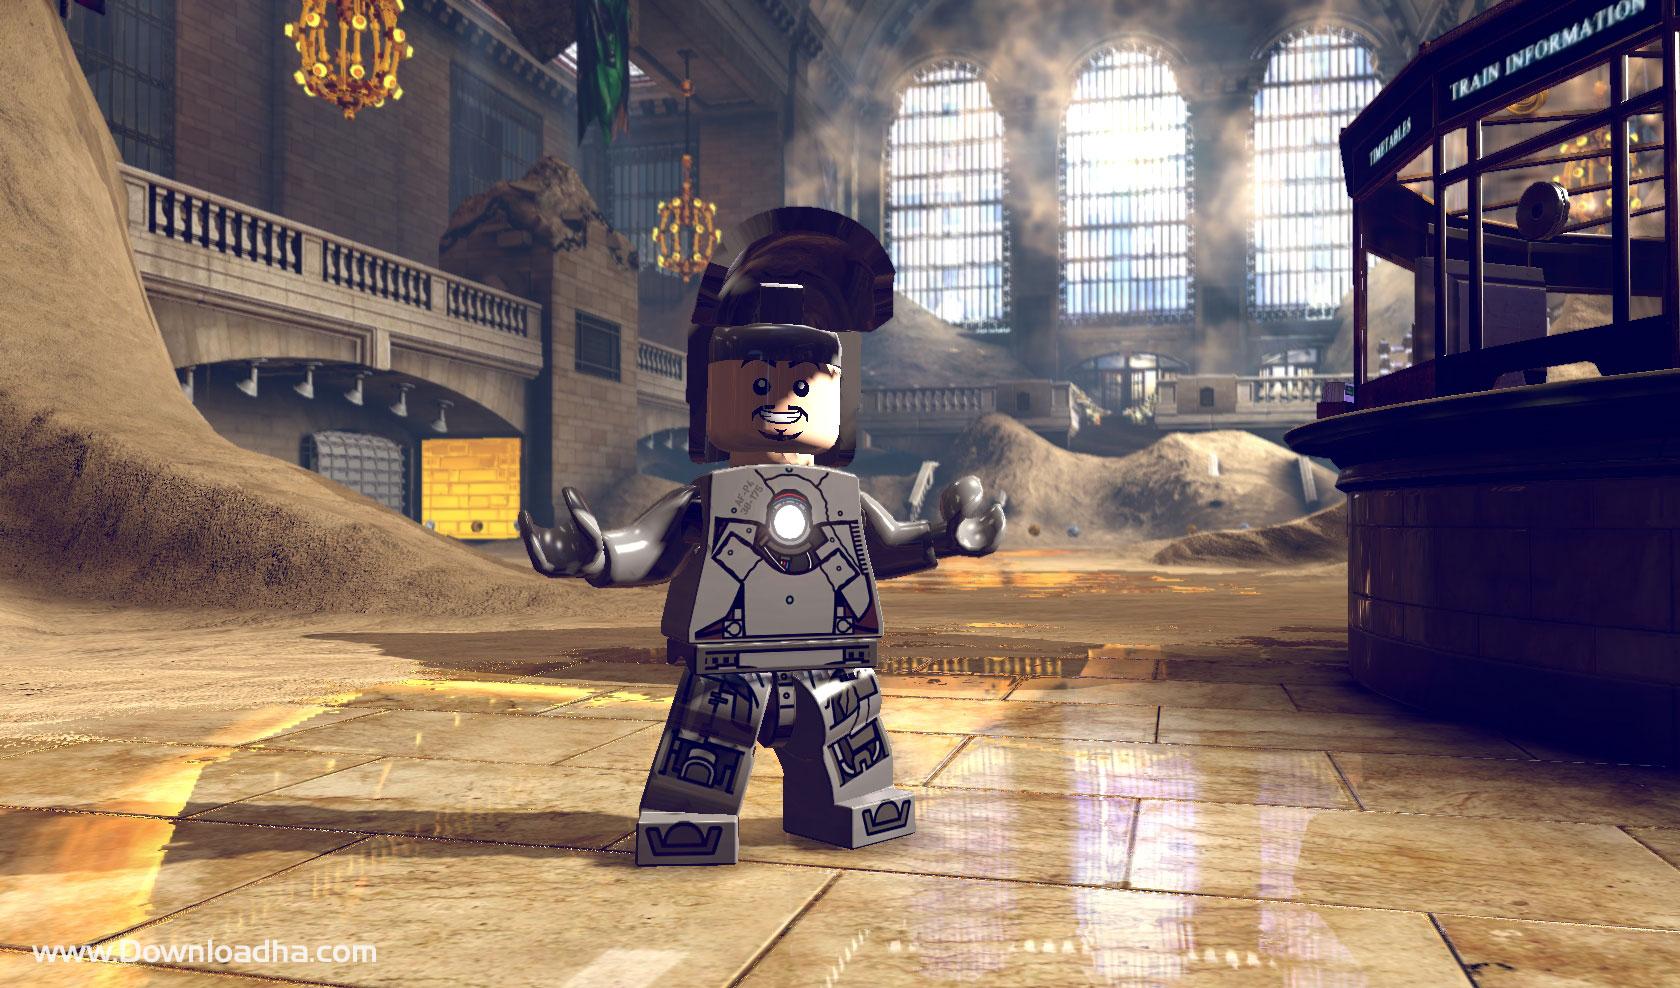 دانلود بازی marvel lego برای کامپیوتر , لگو مارول برای کامپیوتر